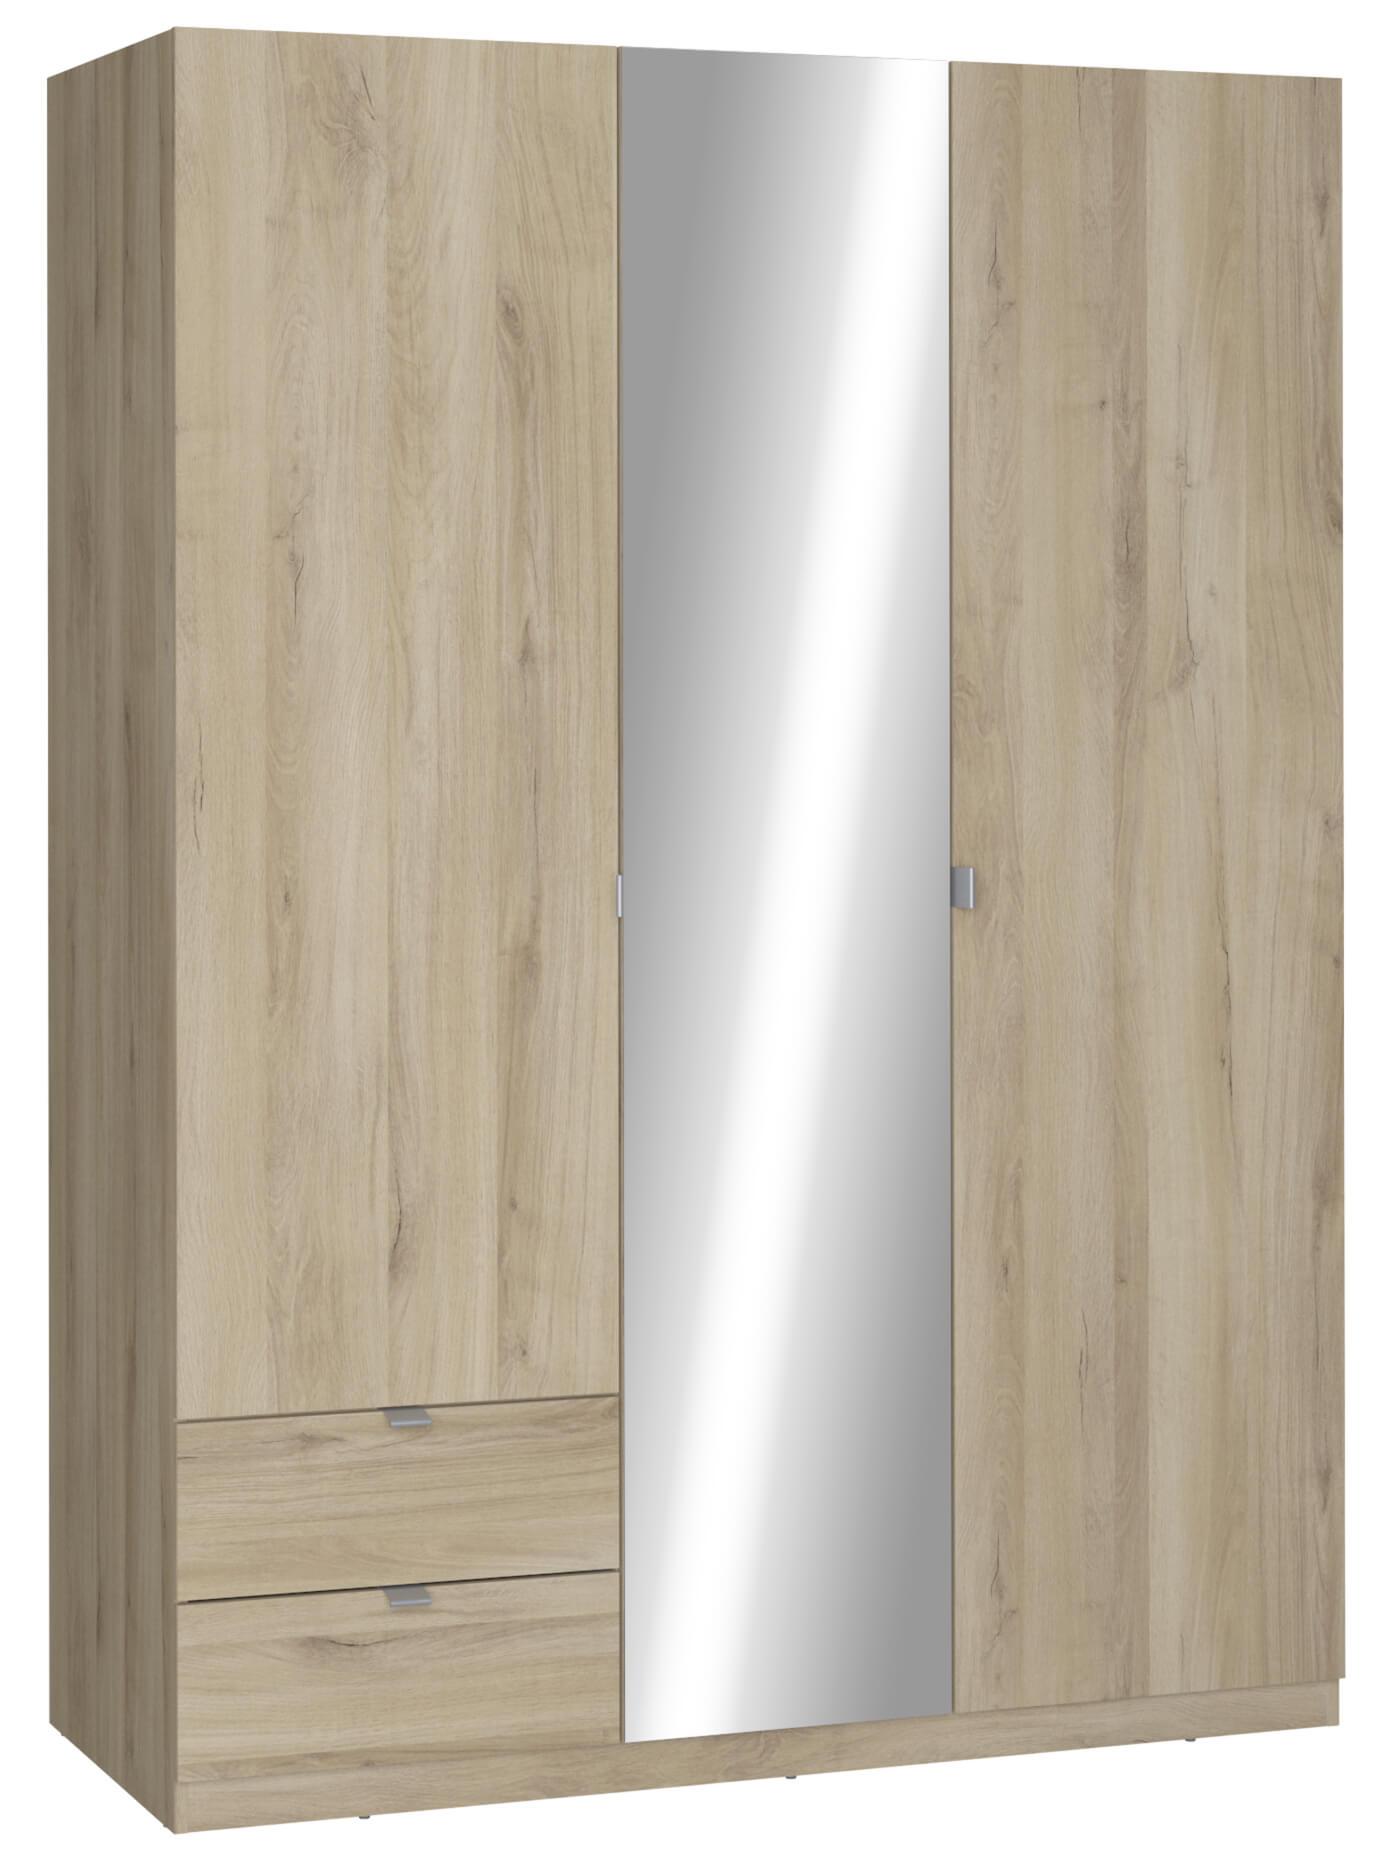 Ντουλάπα τρίφυλλη Merita